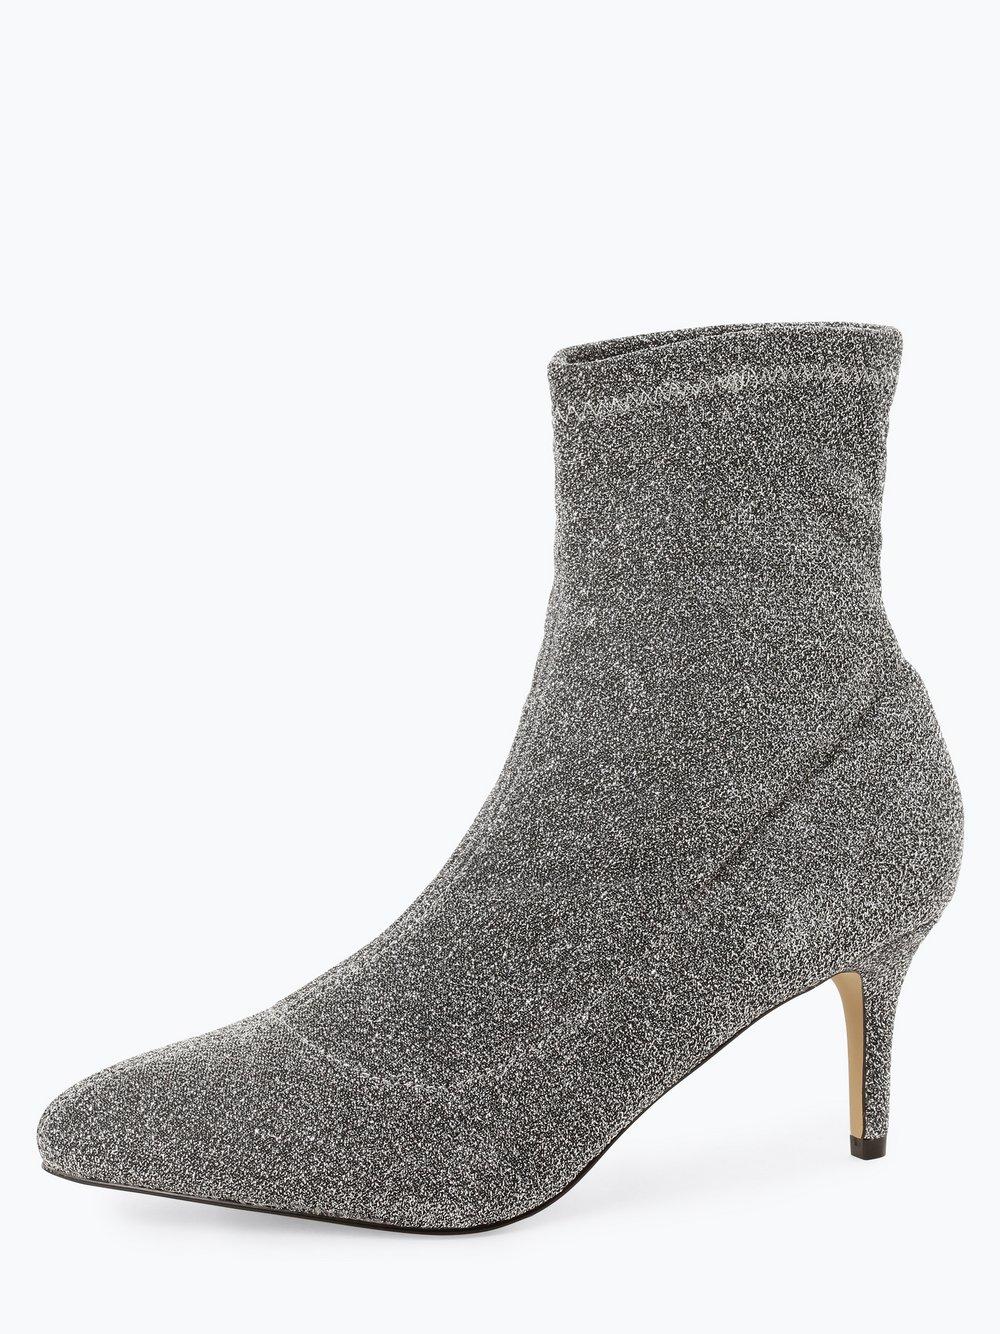 Buffalo Stiefel und Stiefeletten für Damen günstig kaufen | eBay